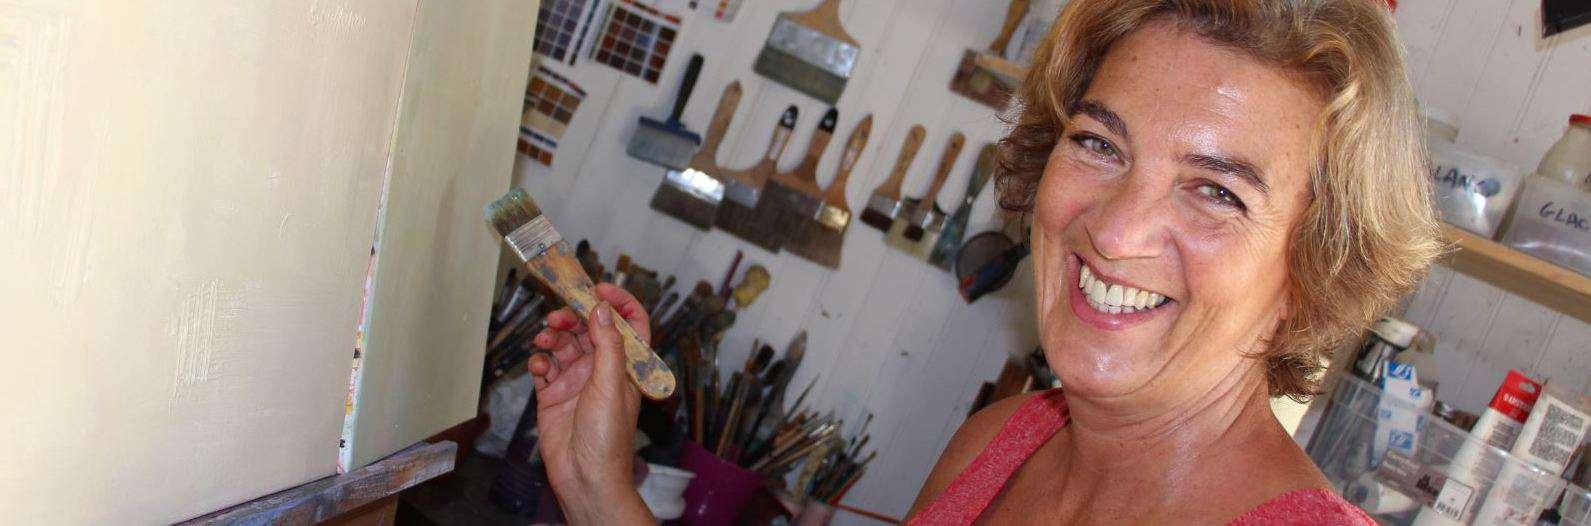 Cuisy, Evelyne Anceschi